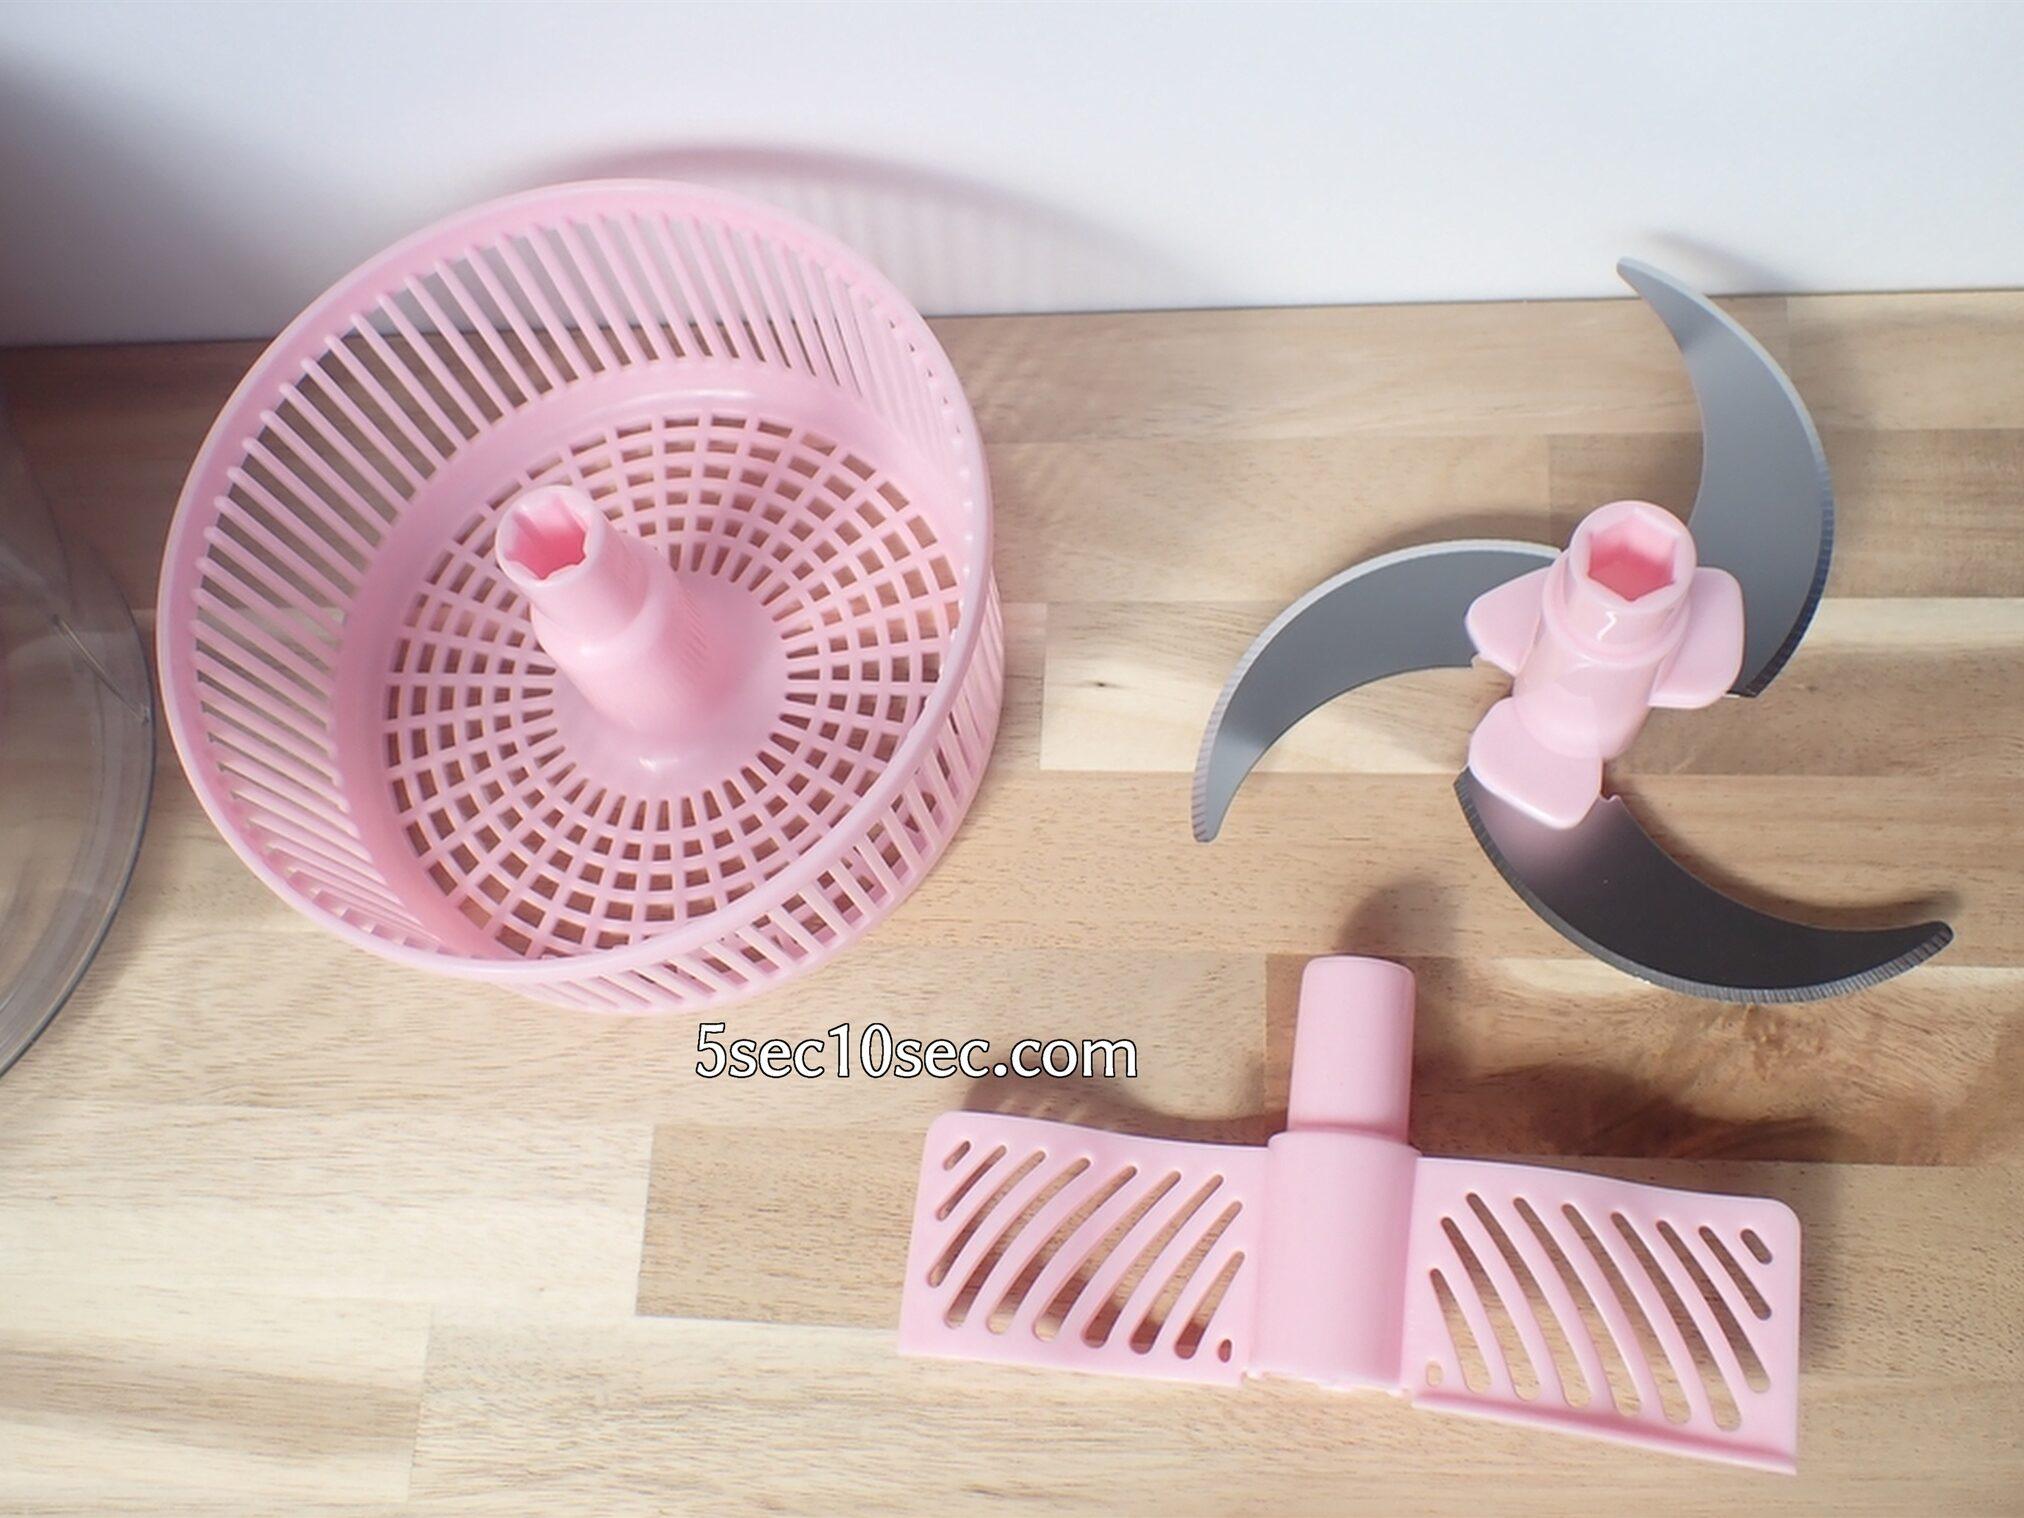 貝印 KHS スピーディーチョッパー L 品番DH2084 付属品です。刃体、羽、水切りかごがついています